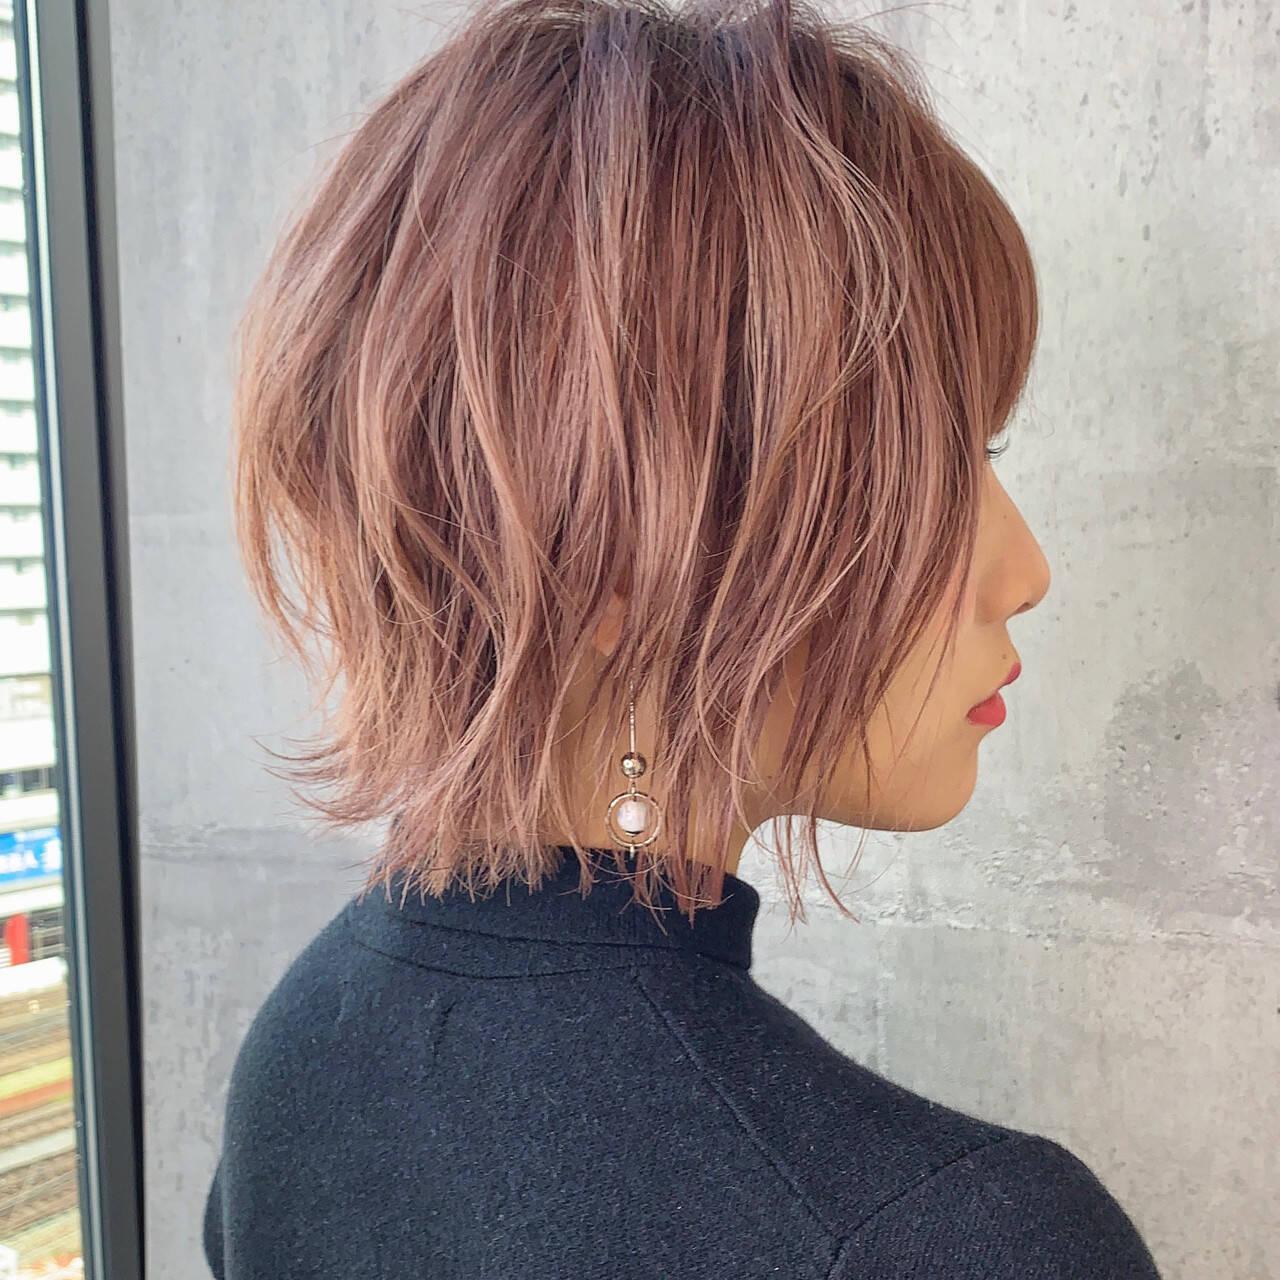 イルミナカラー ショート ナチュラル ショートボブヘアスタイルや髪型の写真・画像